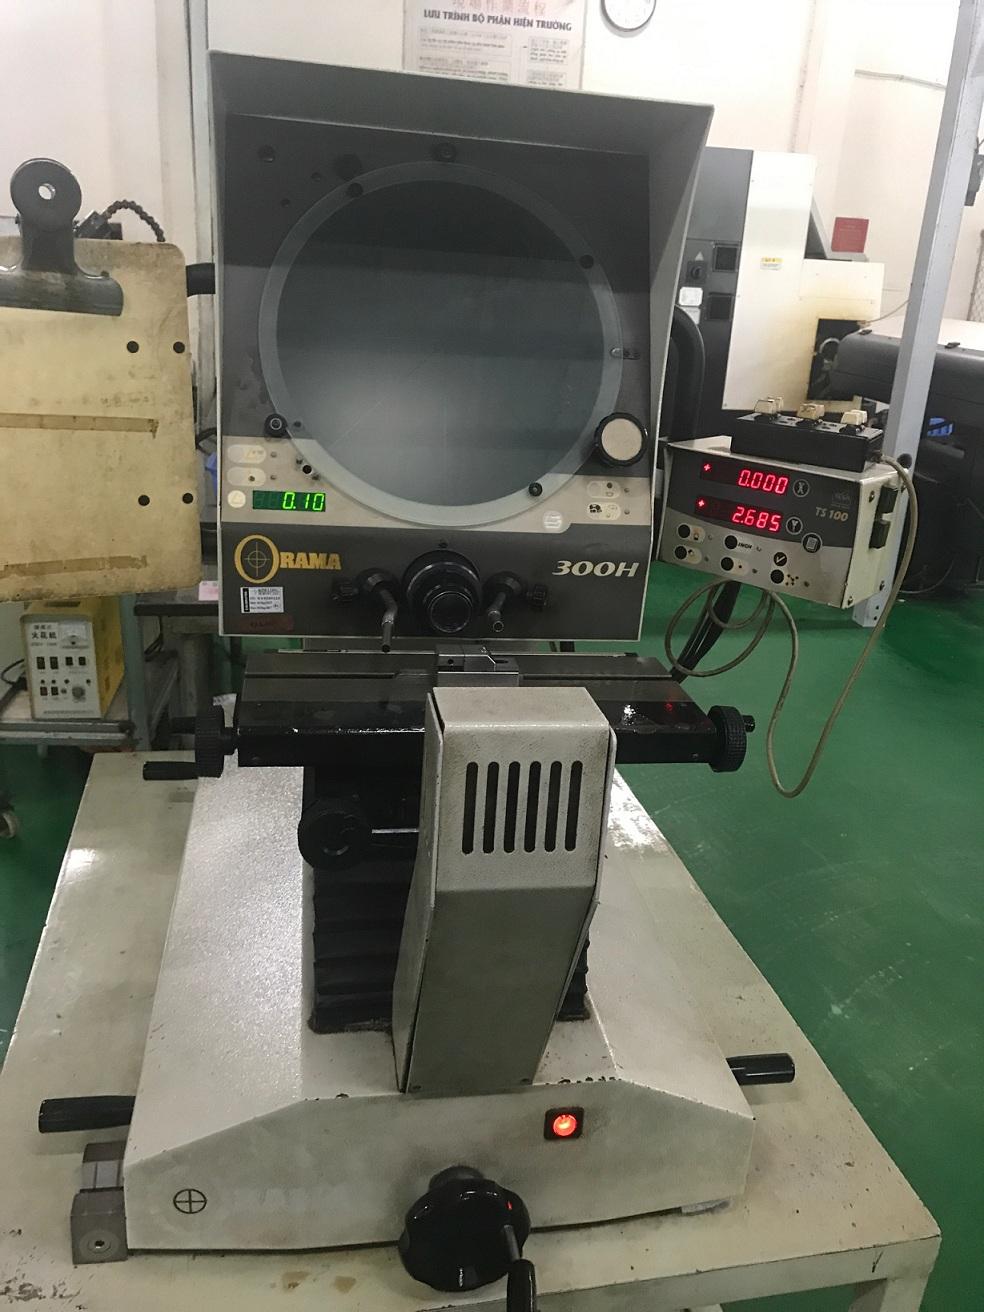 Bảo trì máy chiếu biên dạng 300H-Maintenace ORAMA